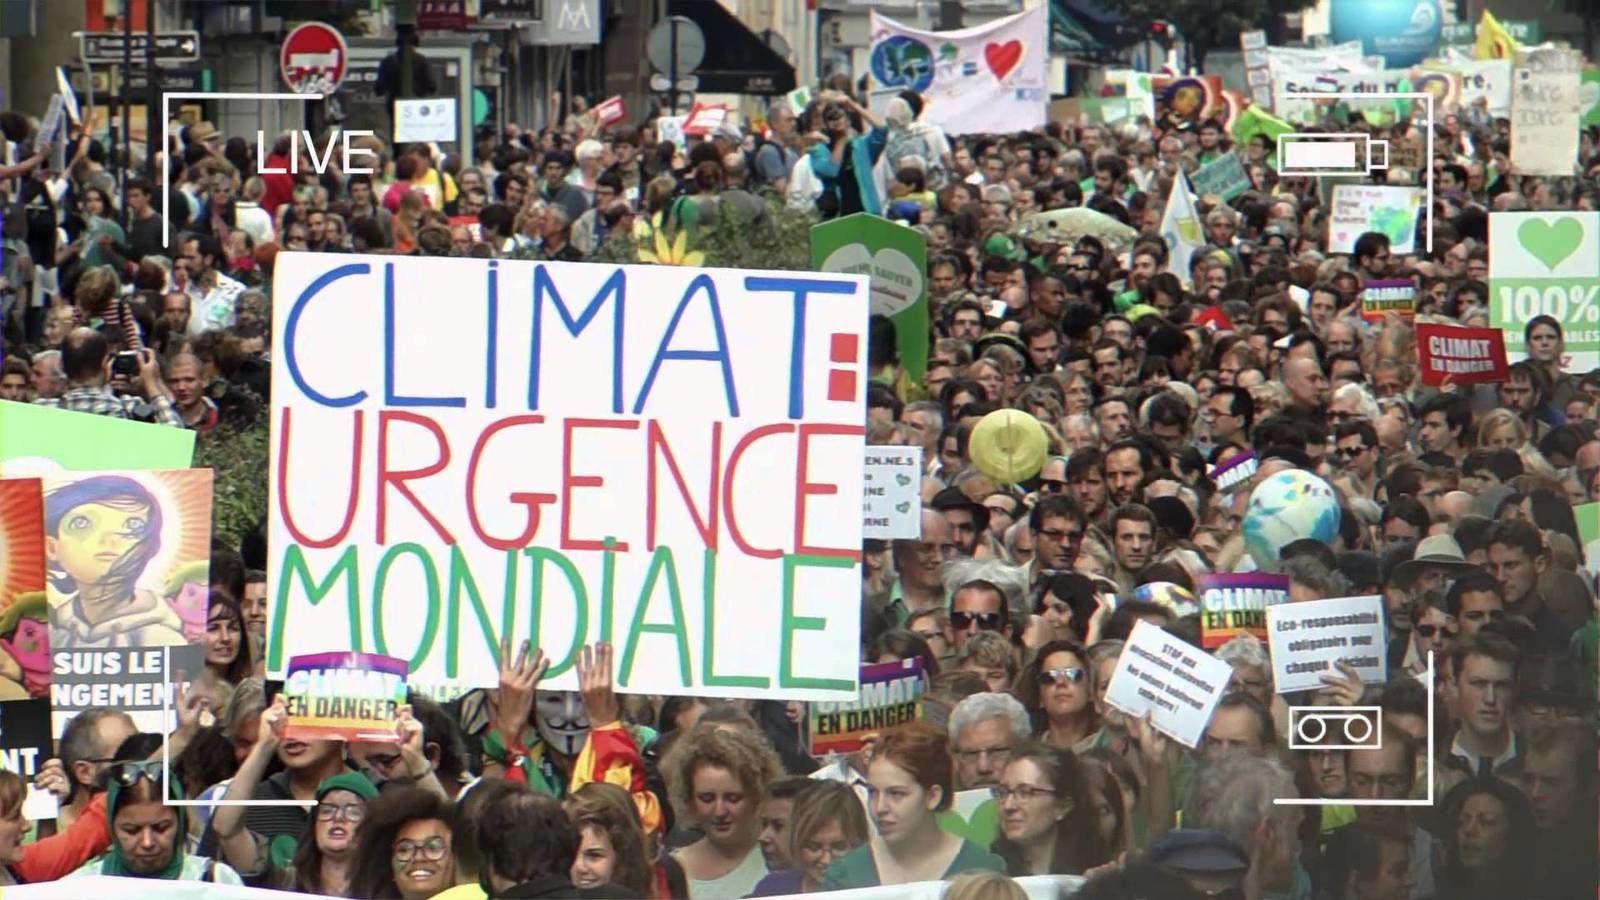 La Terre est l'urgence mondiale - parce que nous ne sommes pas des extraterrestres hors sol !